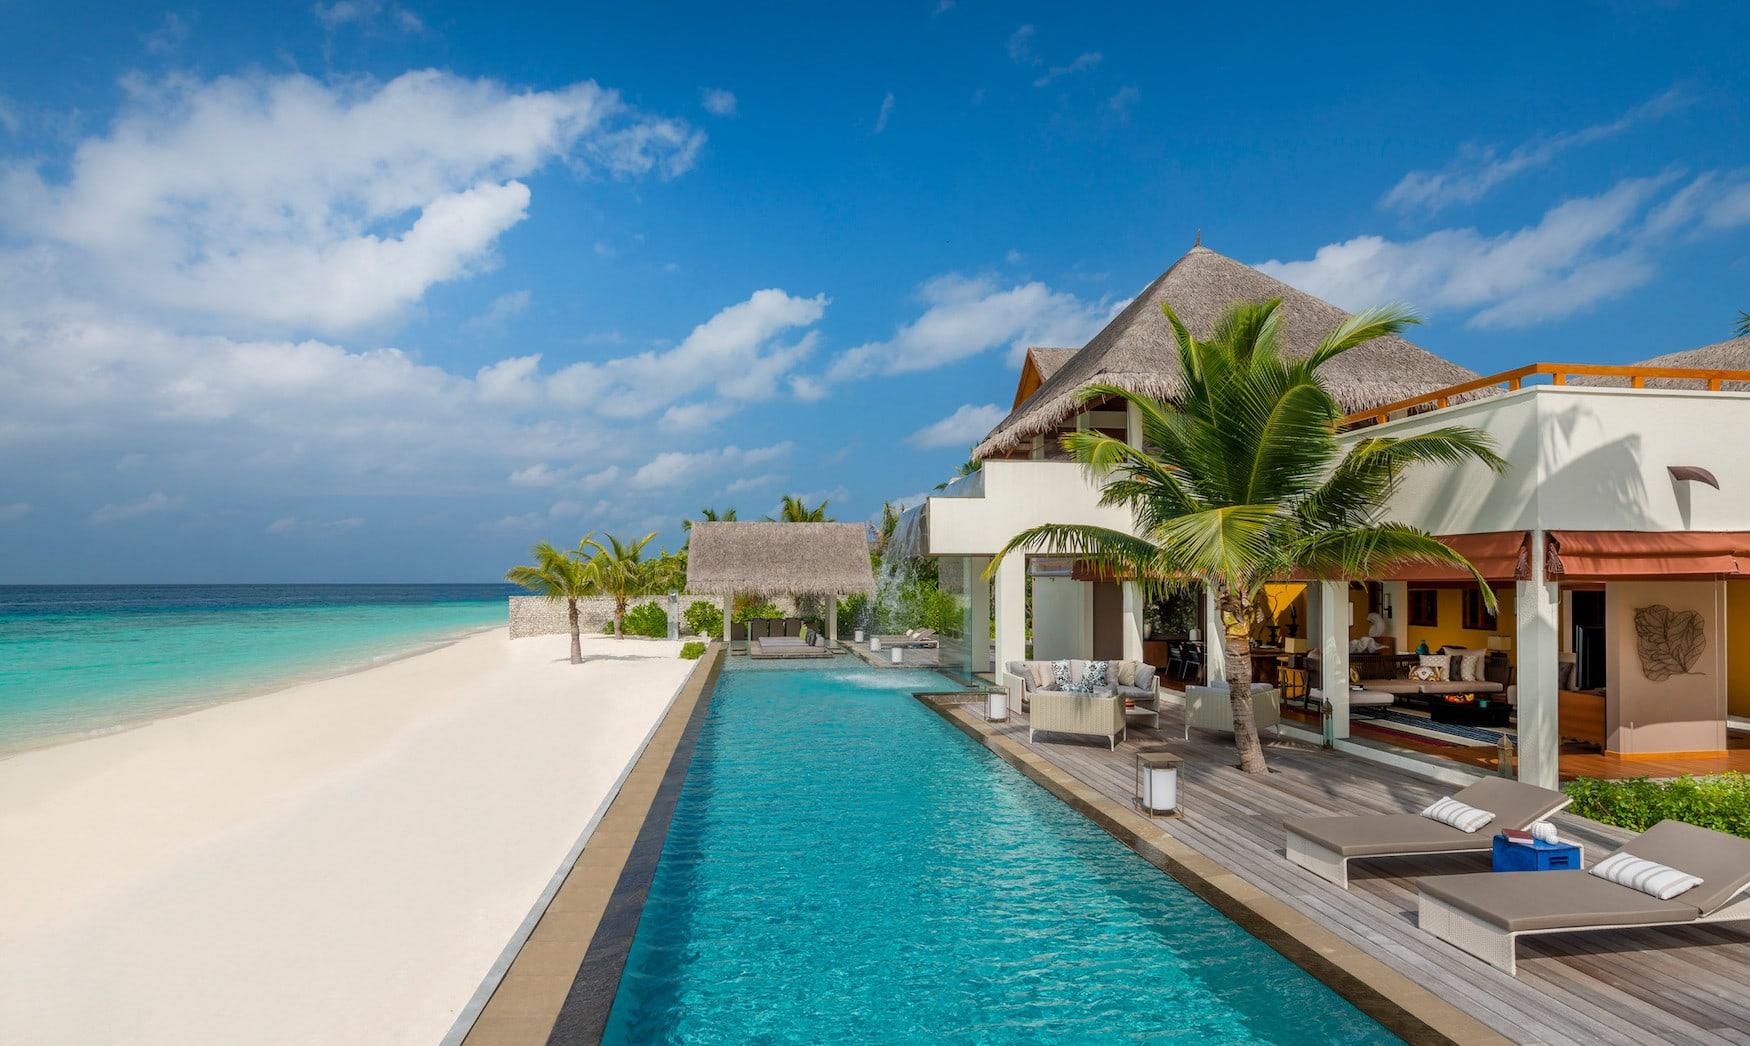 Die Villa des Four Seasons Resorts ist eine der schönsten Villen auf den Malediven